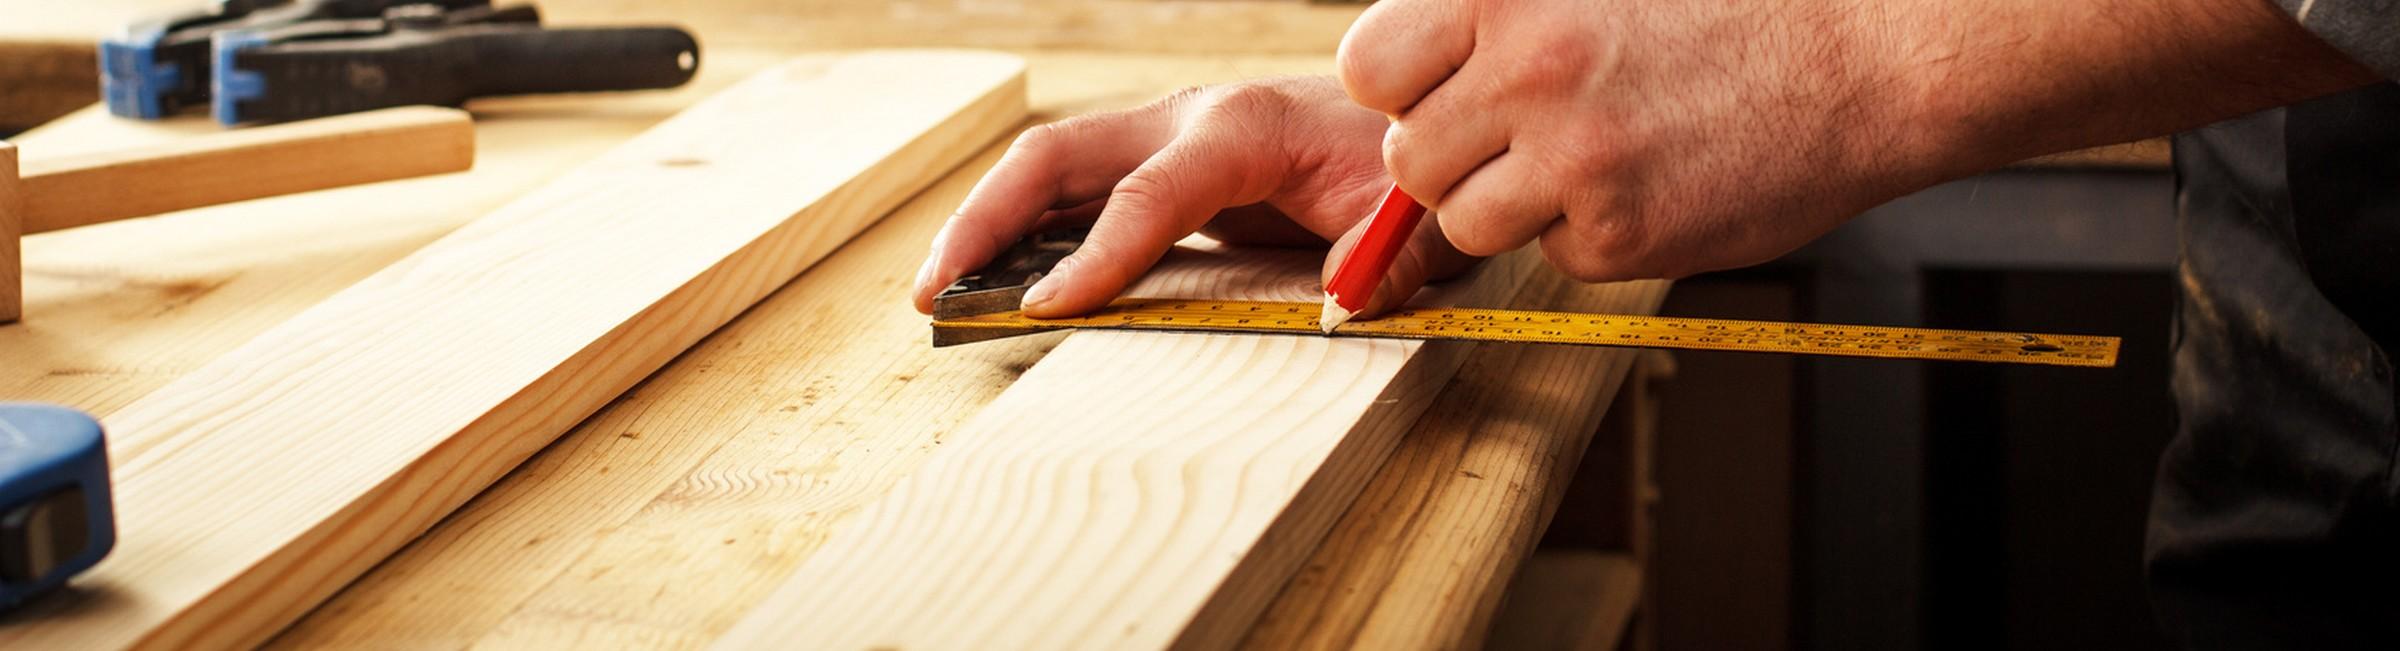 Menuisier travaillant sur une planche en bois